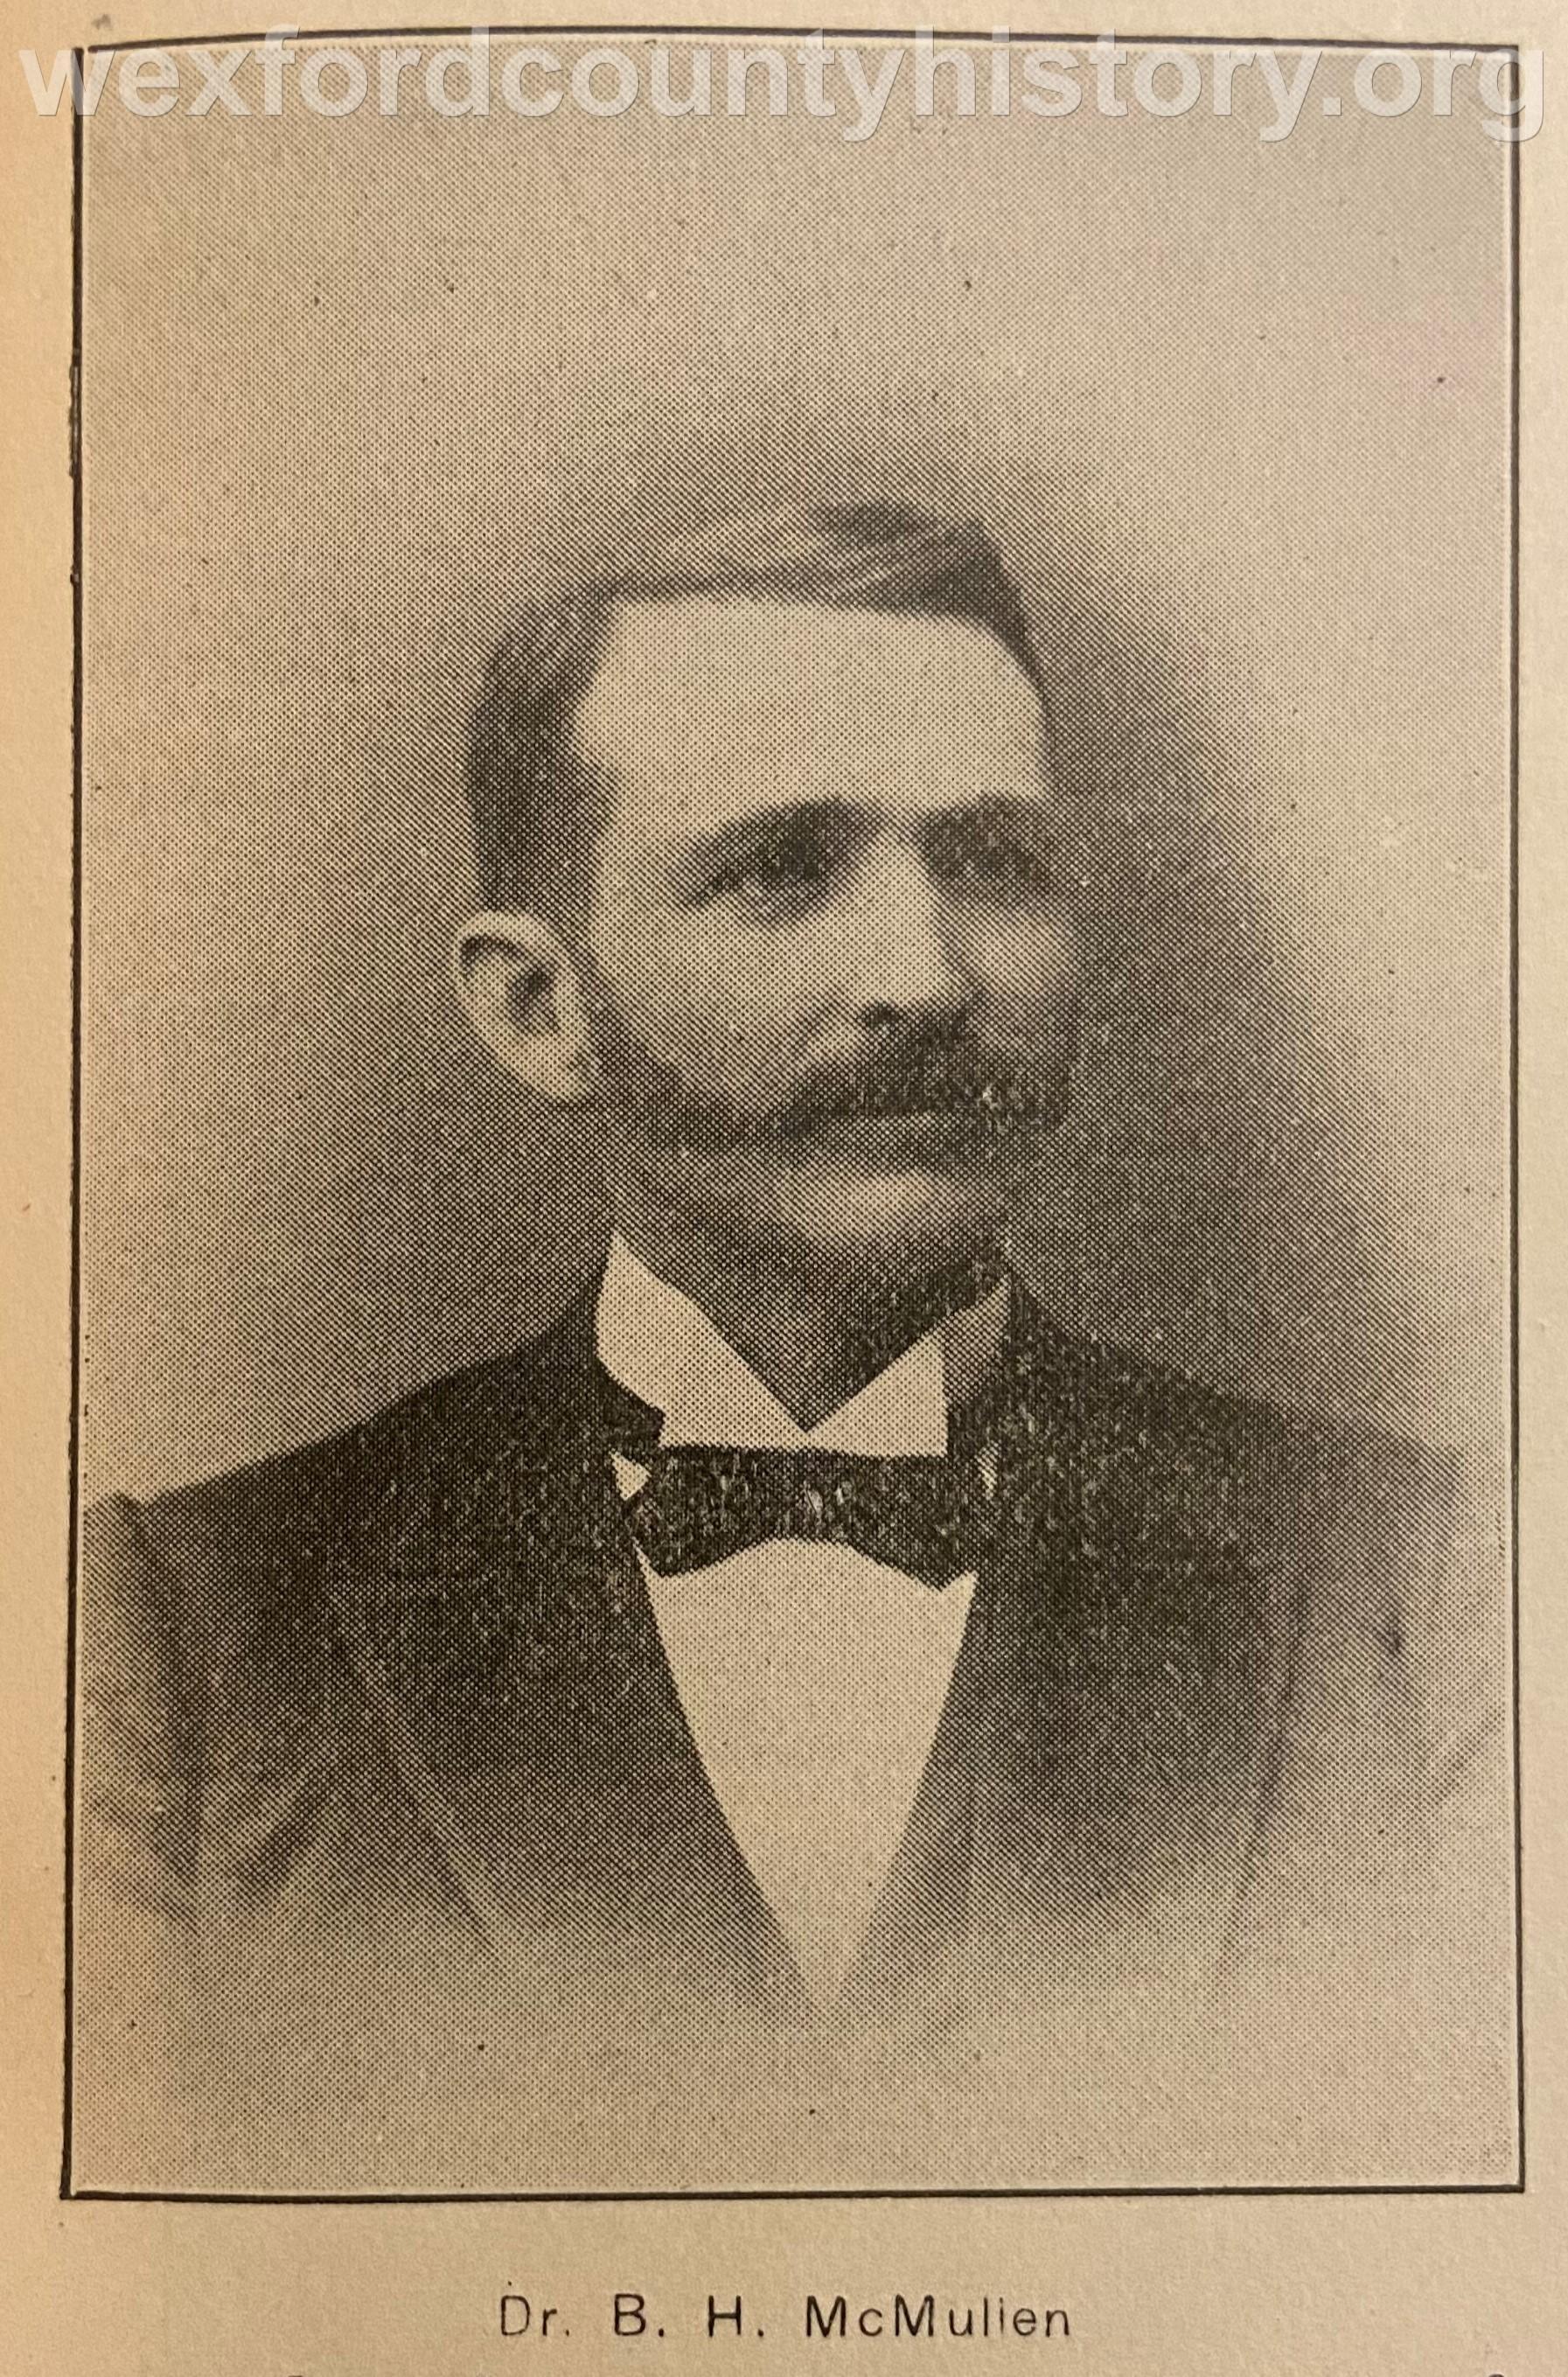 Dr. Bartlett H. Mc Mullen